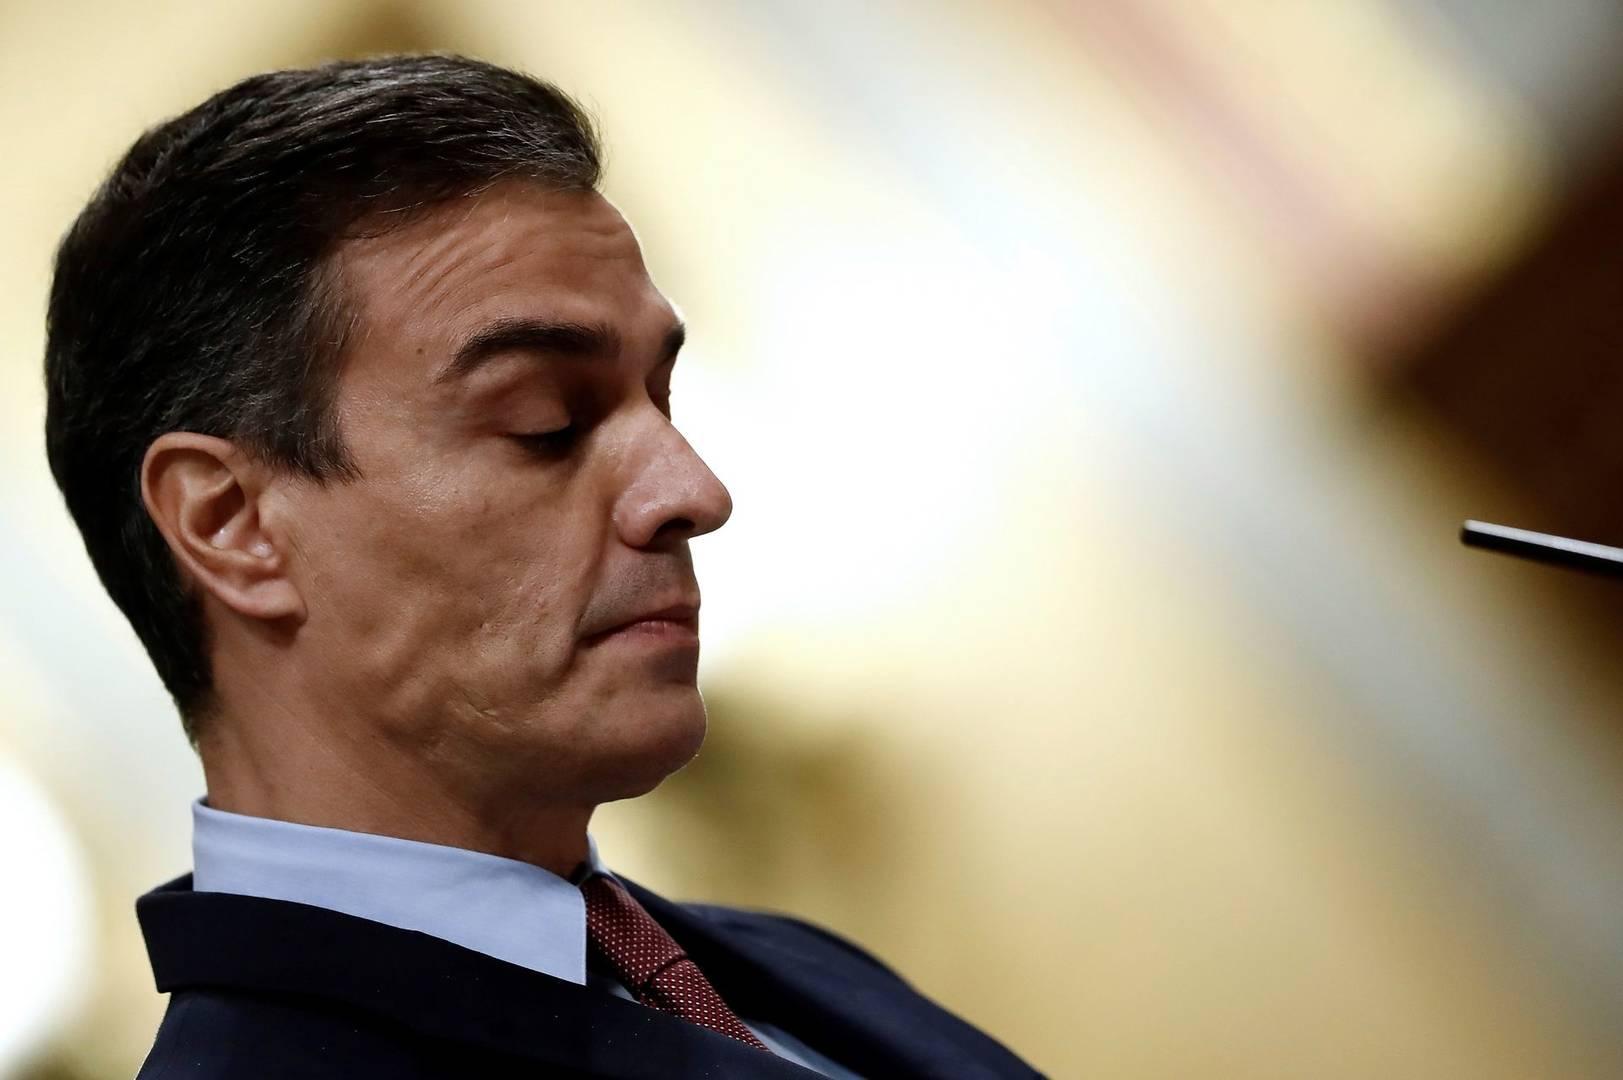 """Inda: """"El fallo del TC demuestra que aún hay jueces insobornables frente a este aspirante a tirano que es Sánchez"""""""